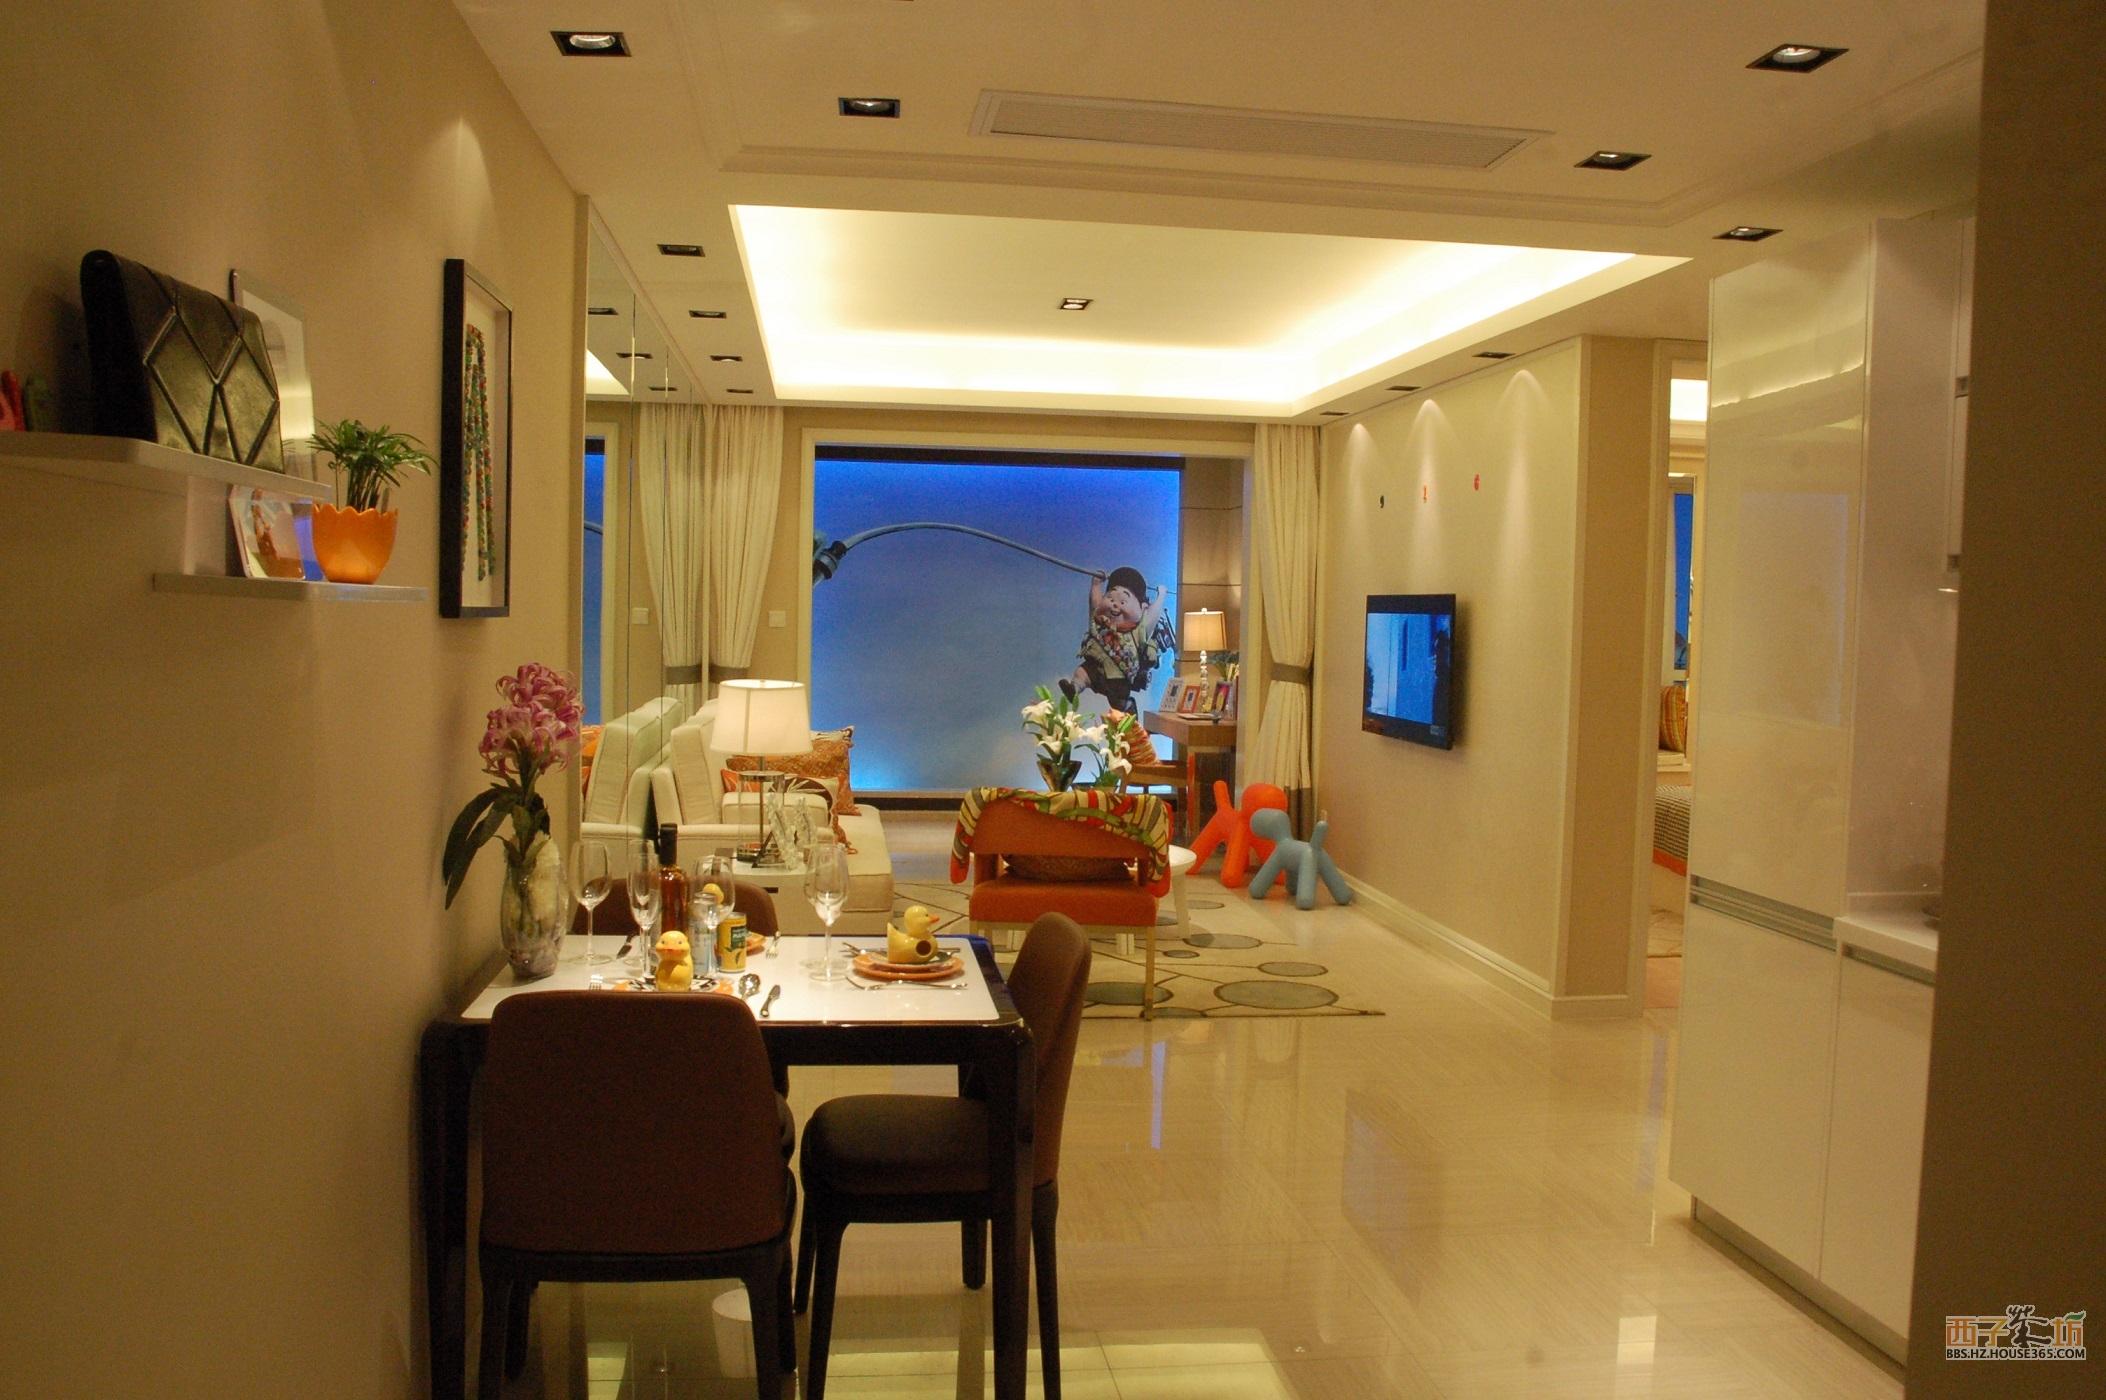 进门左侧是客厅,右侧是餐厅,玄关靠客厅还是餐厅图片